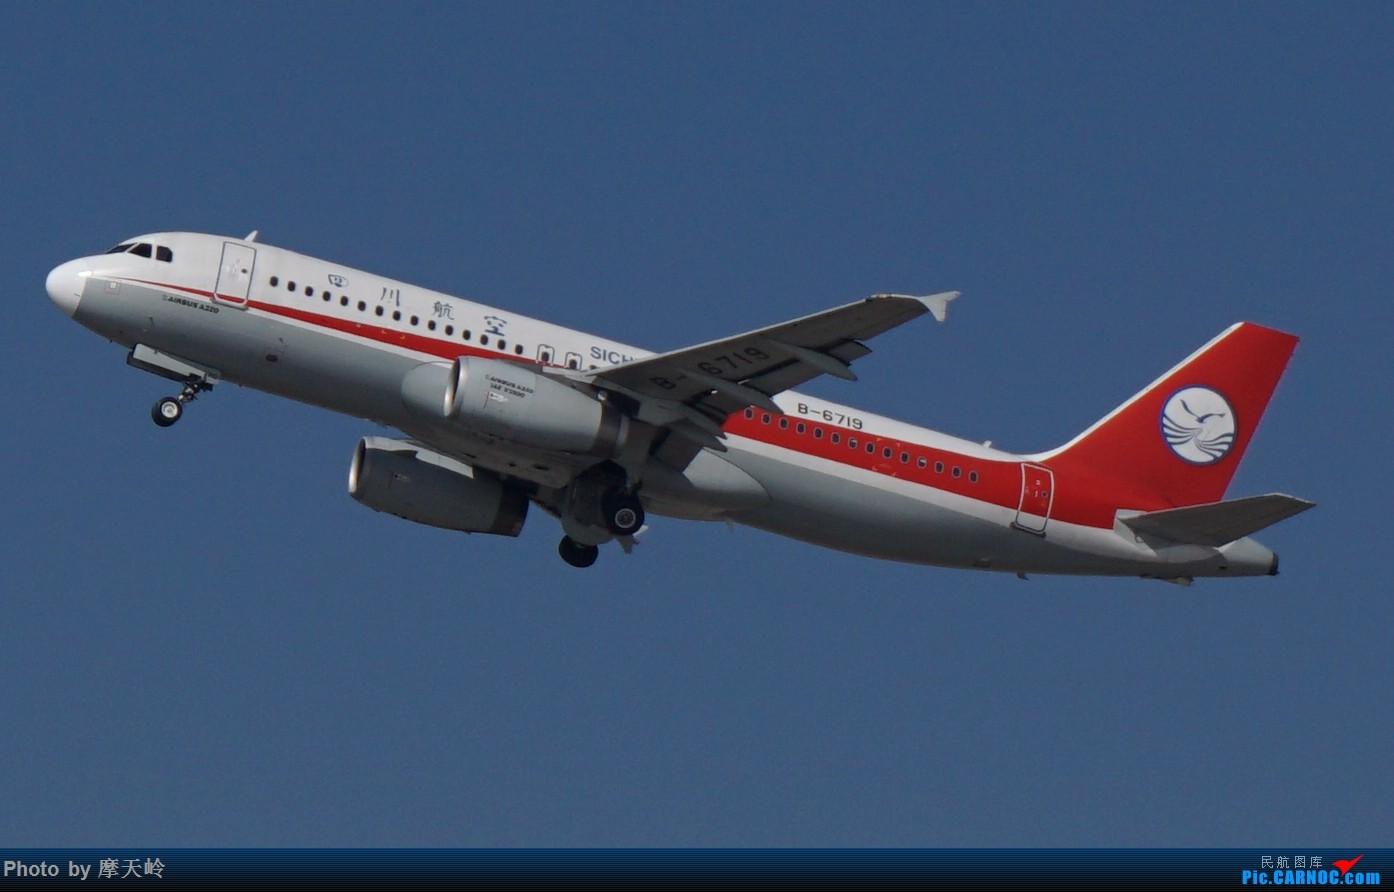 Re:[原创]长水一组 AIRBUS A320-200 B-6719 中国昆明长水国际机场机场